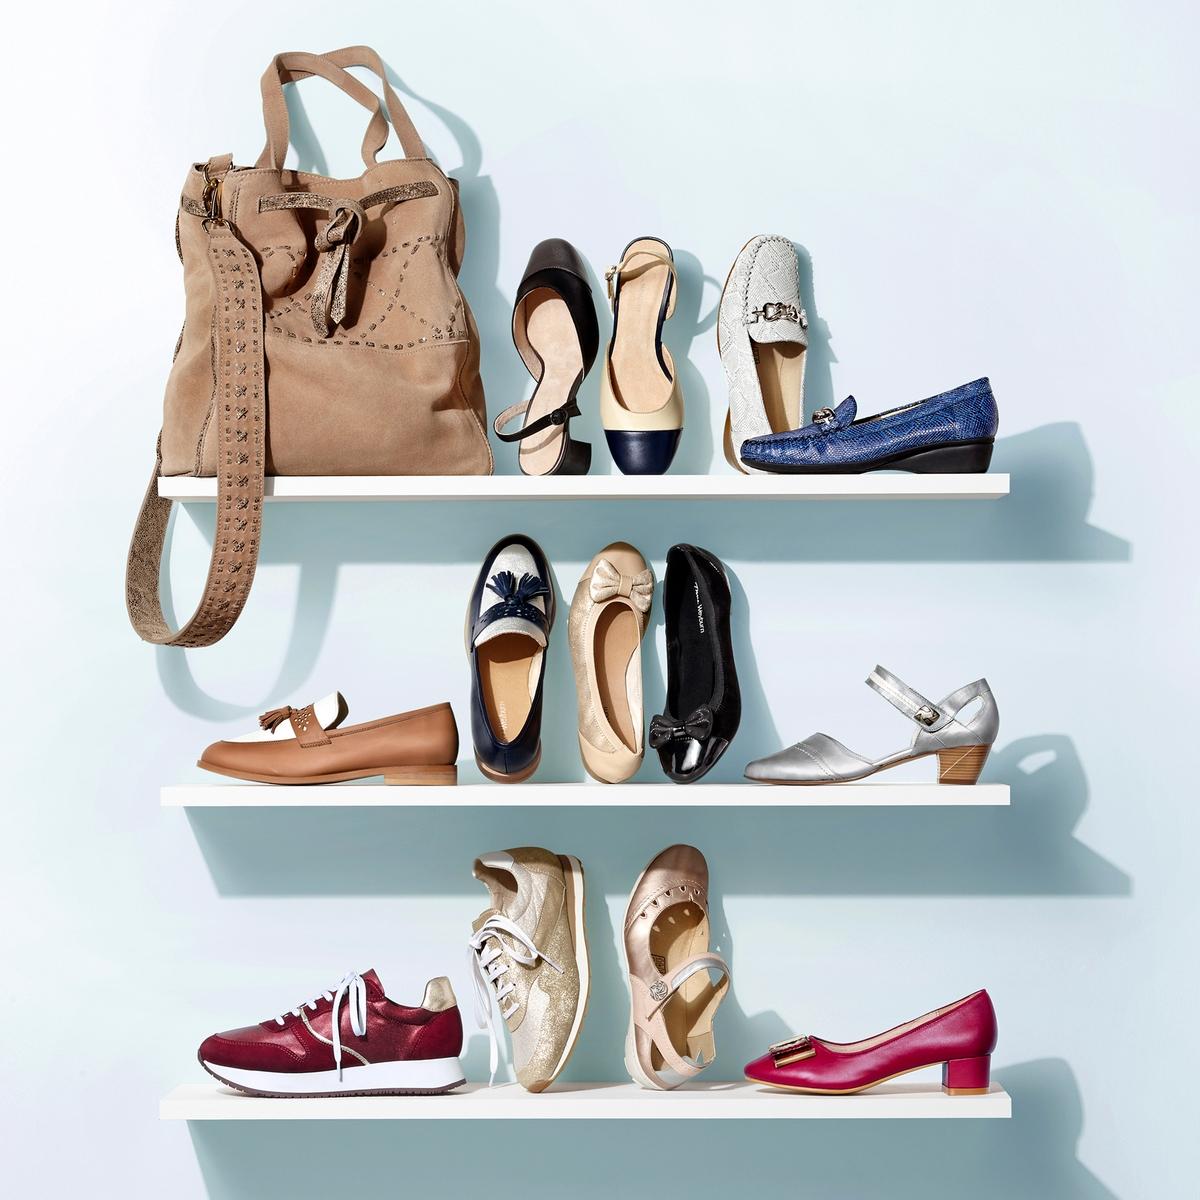 Imagen secundaria de producto de Zapatos de piel bicolor, con tacón - Anne weyburn